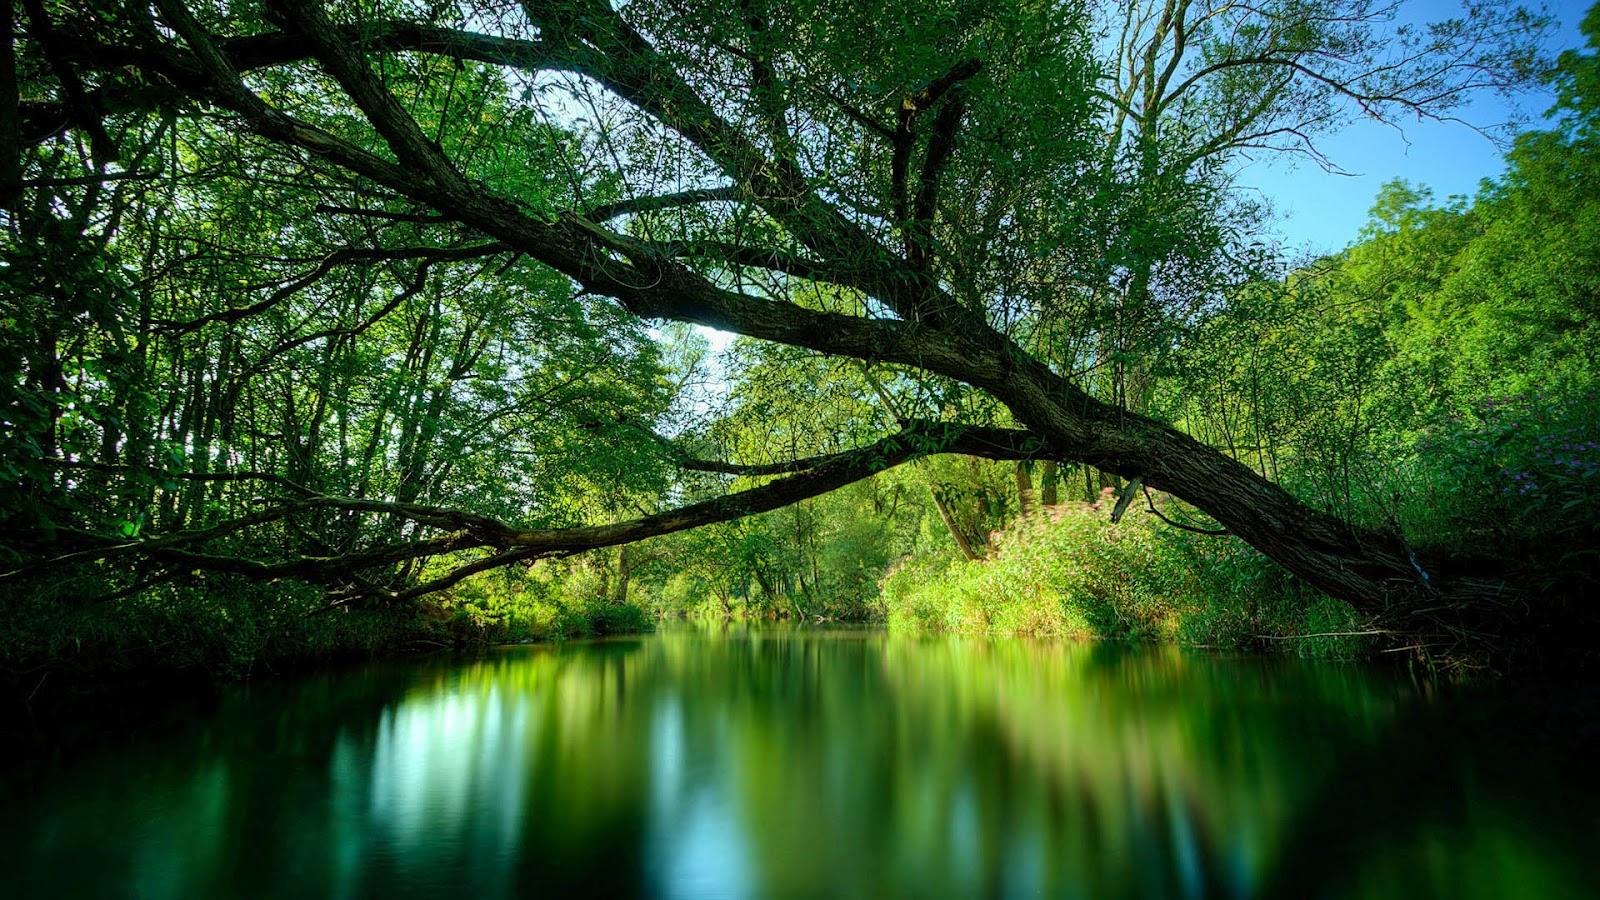 http://3.bp.blogspot.com/-PRtxQZBW74E/T0TJ4nnf_FI/AAAAAAAAEg4/-BrrrMt_1wc/s1600/Green-River-Wallpaper-1.jpg